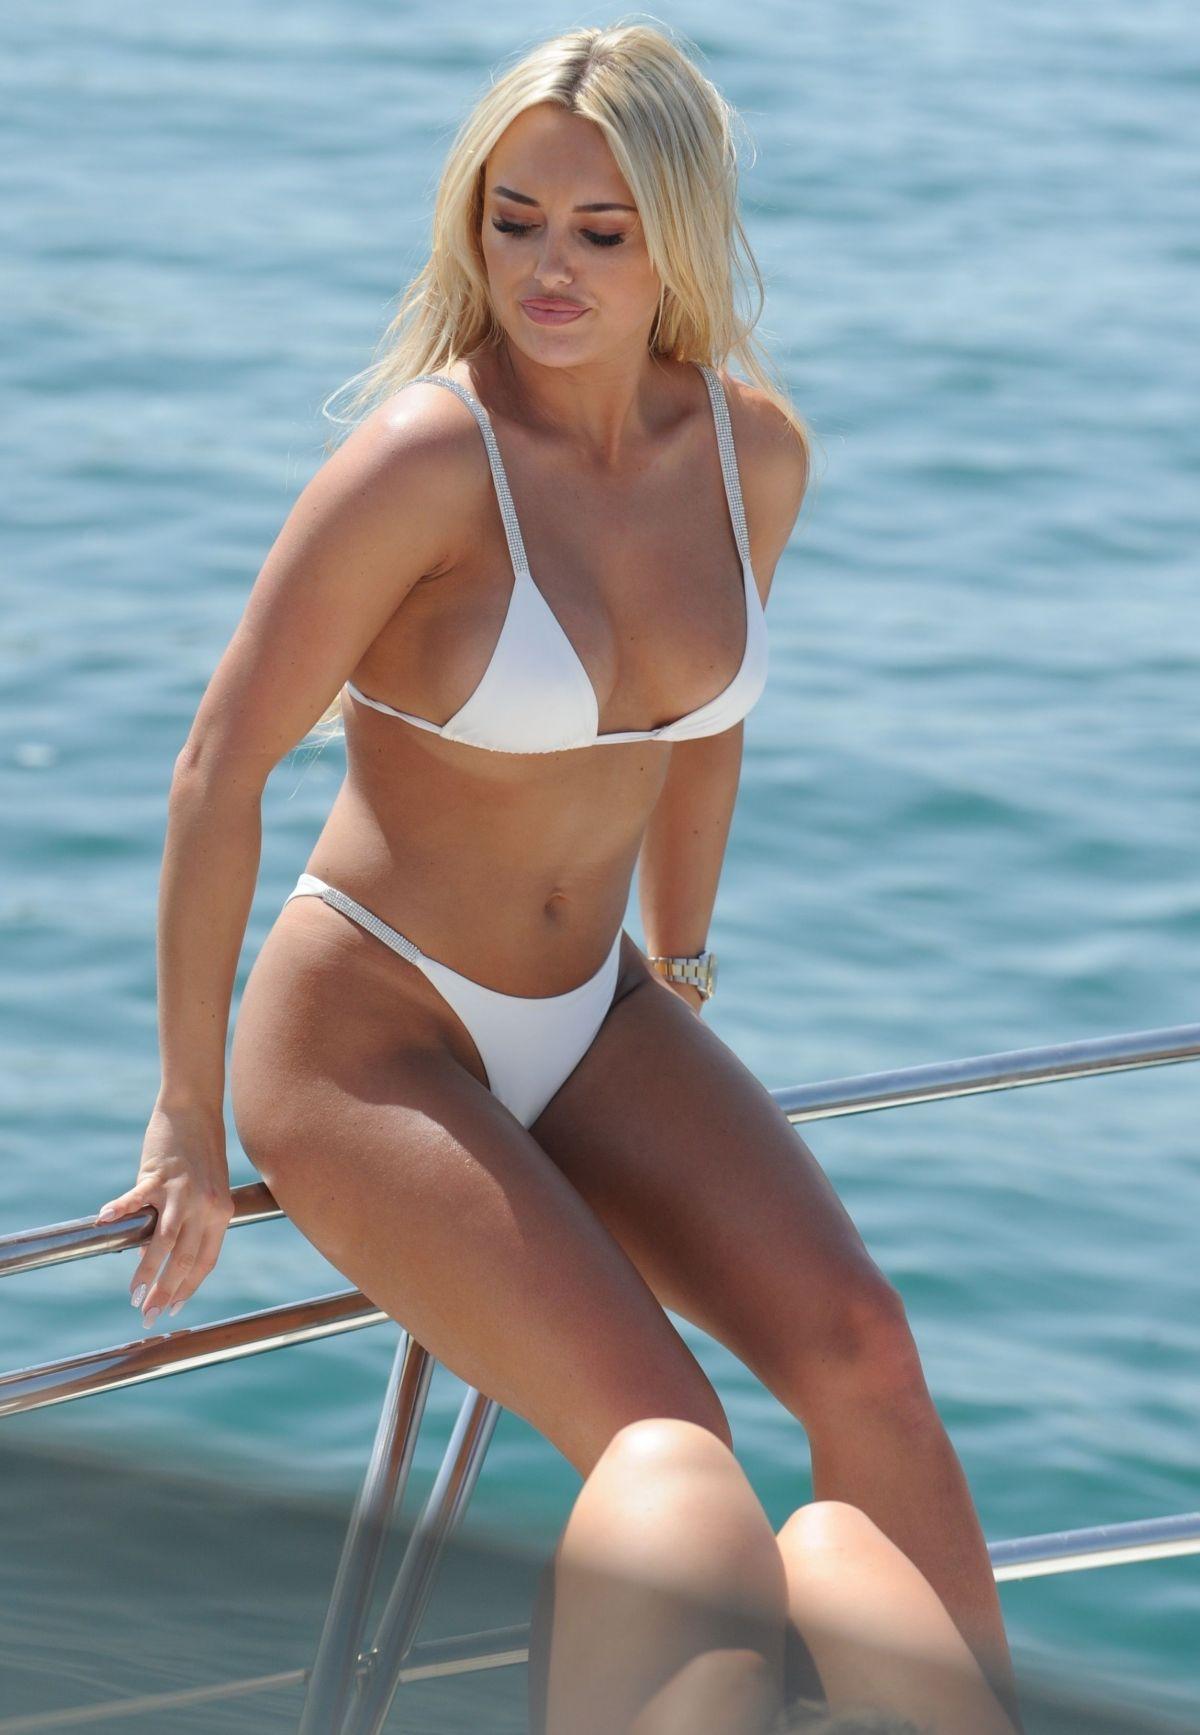 amber-turner-in-bikini-on-the-yacht-in-dubai-03-10-2018-21